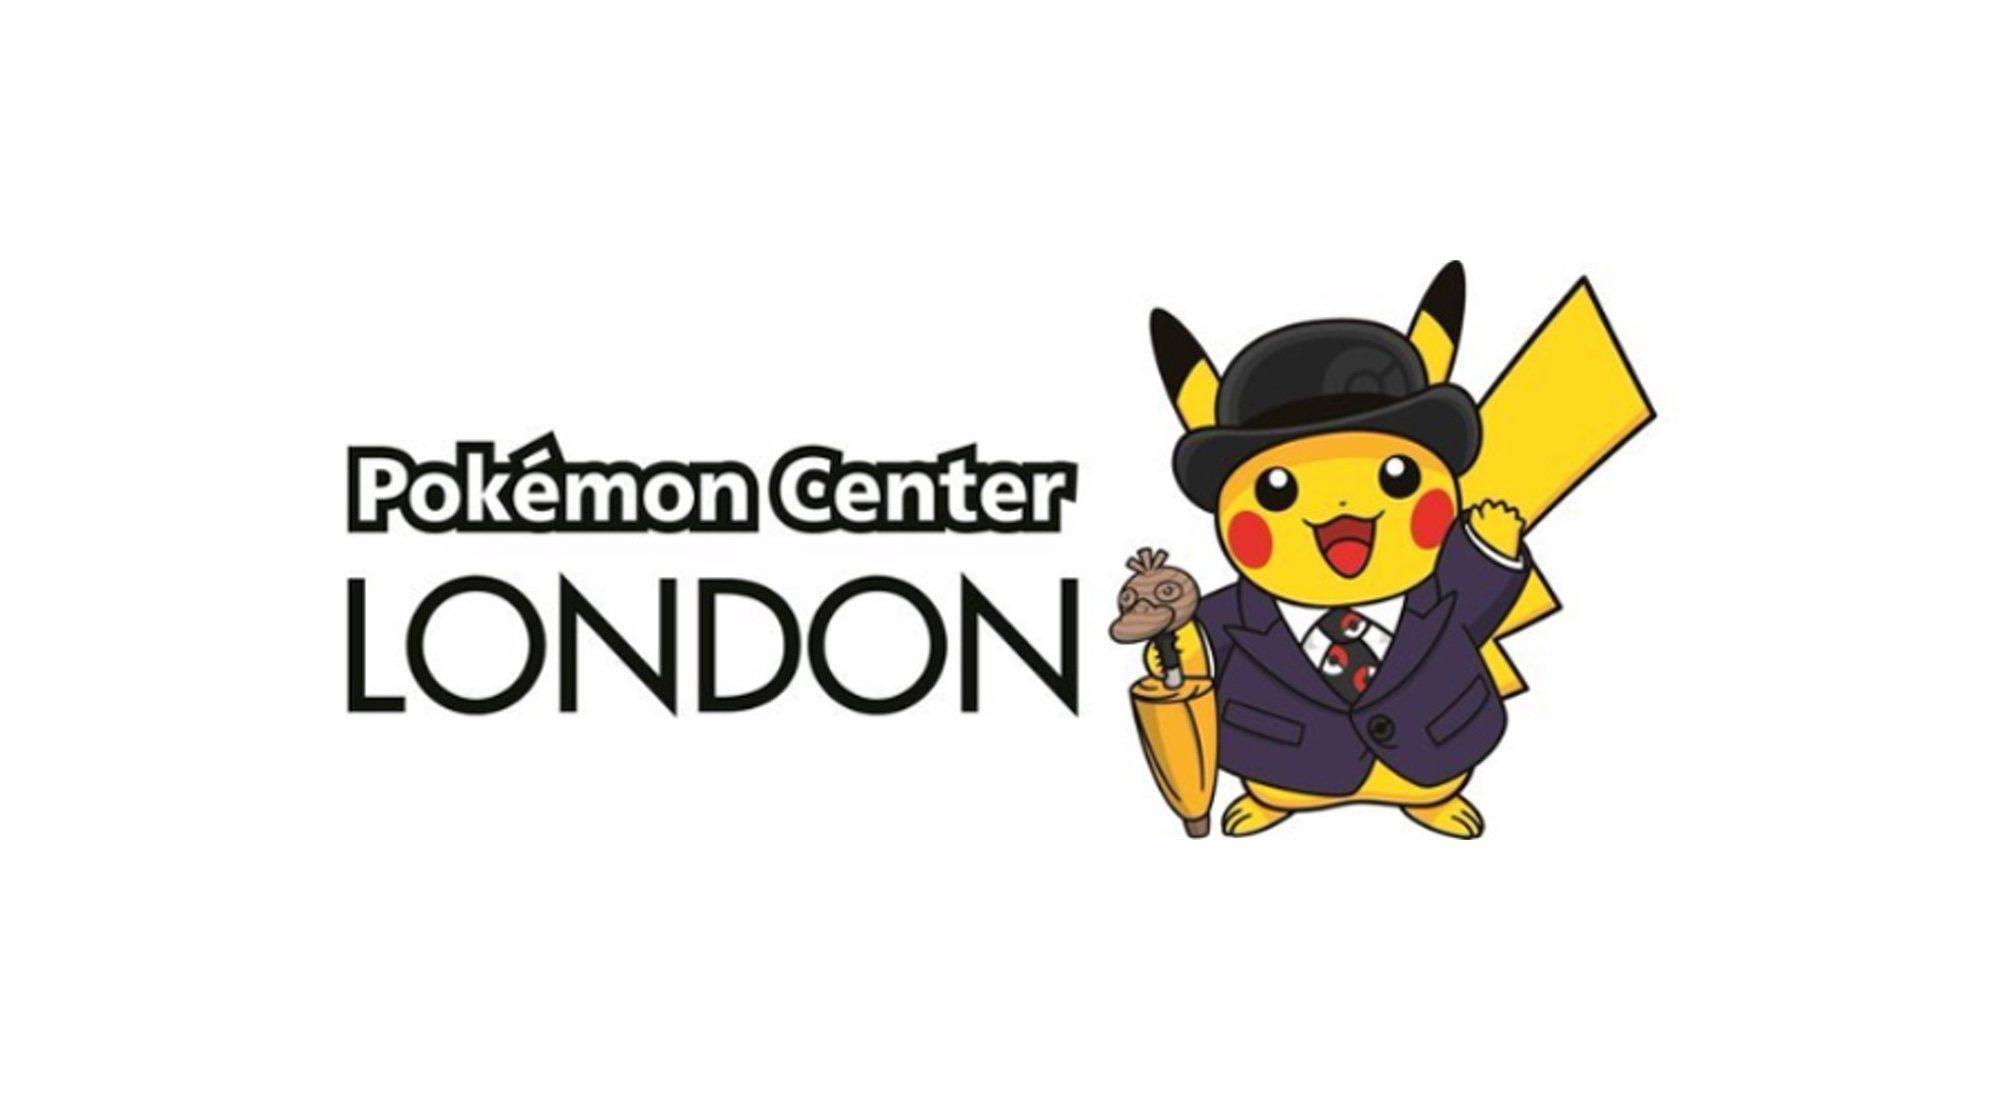 Londres, sede de un nuevo Pokémon Center (por tiempo limitado)